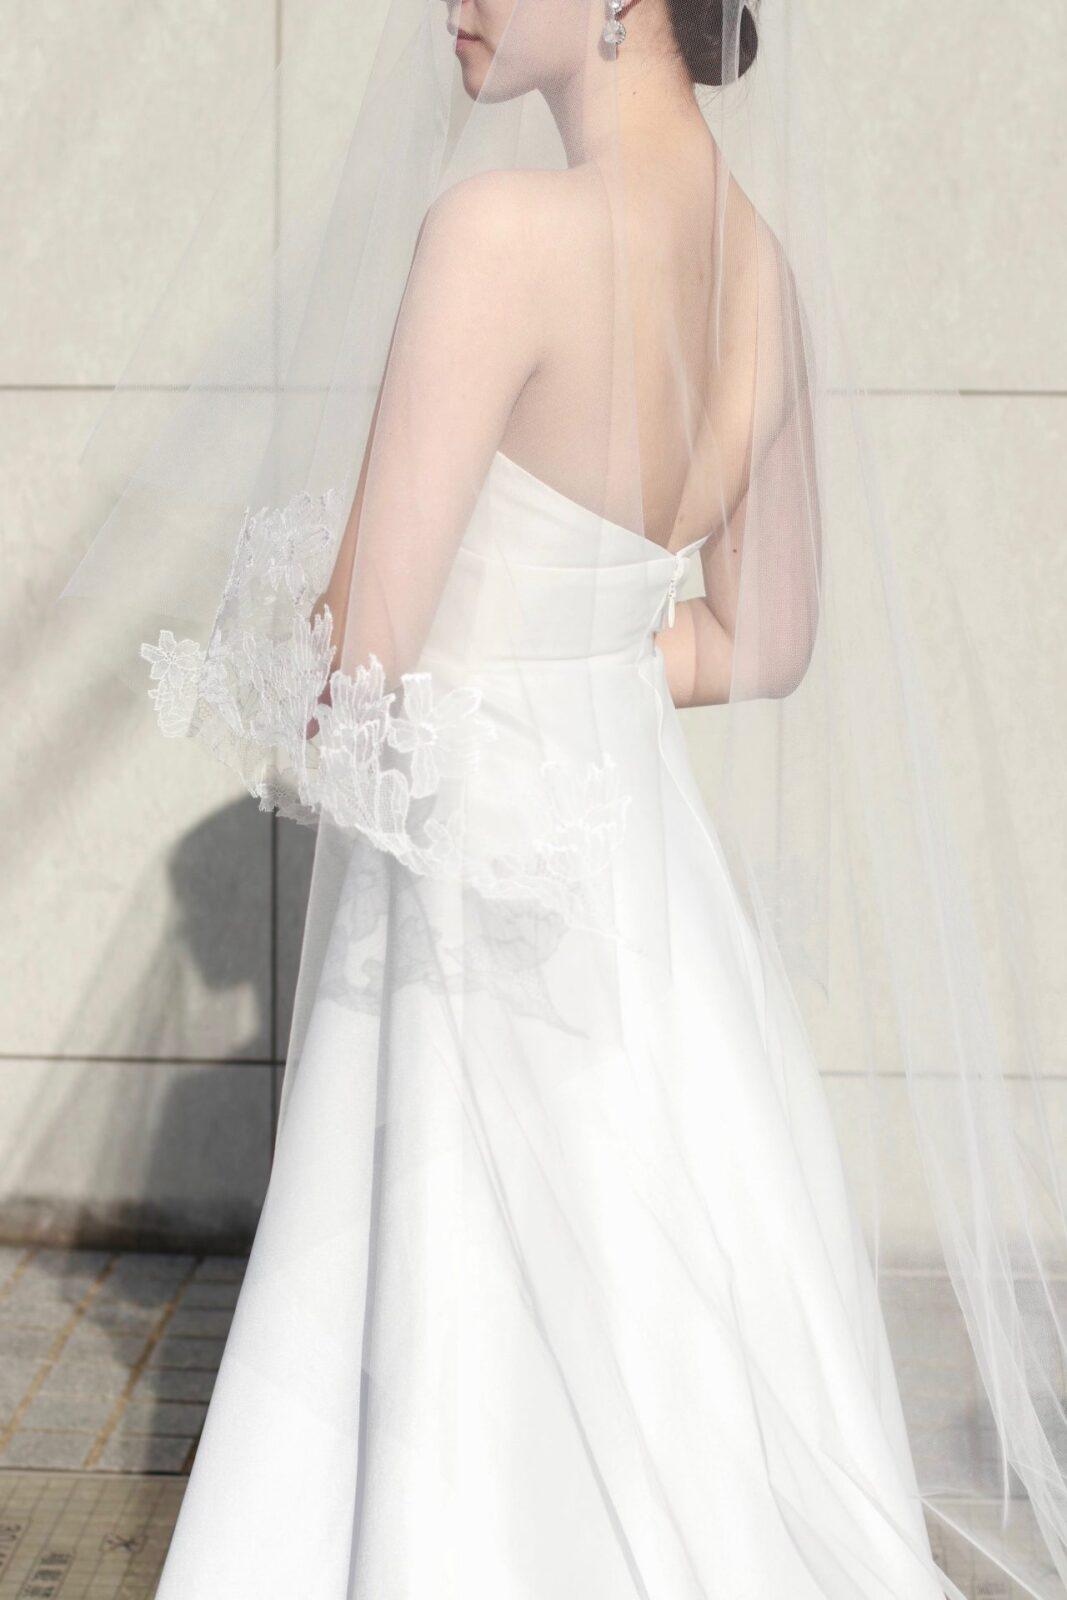 トリートメゾンの新作オリジナルベールは、花嫁の顔近くにレースが入るようにデザインされているので写真にも映えます。